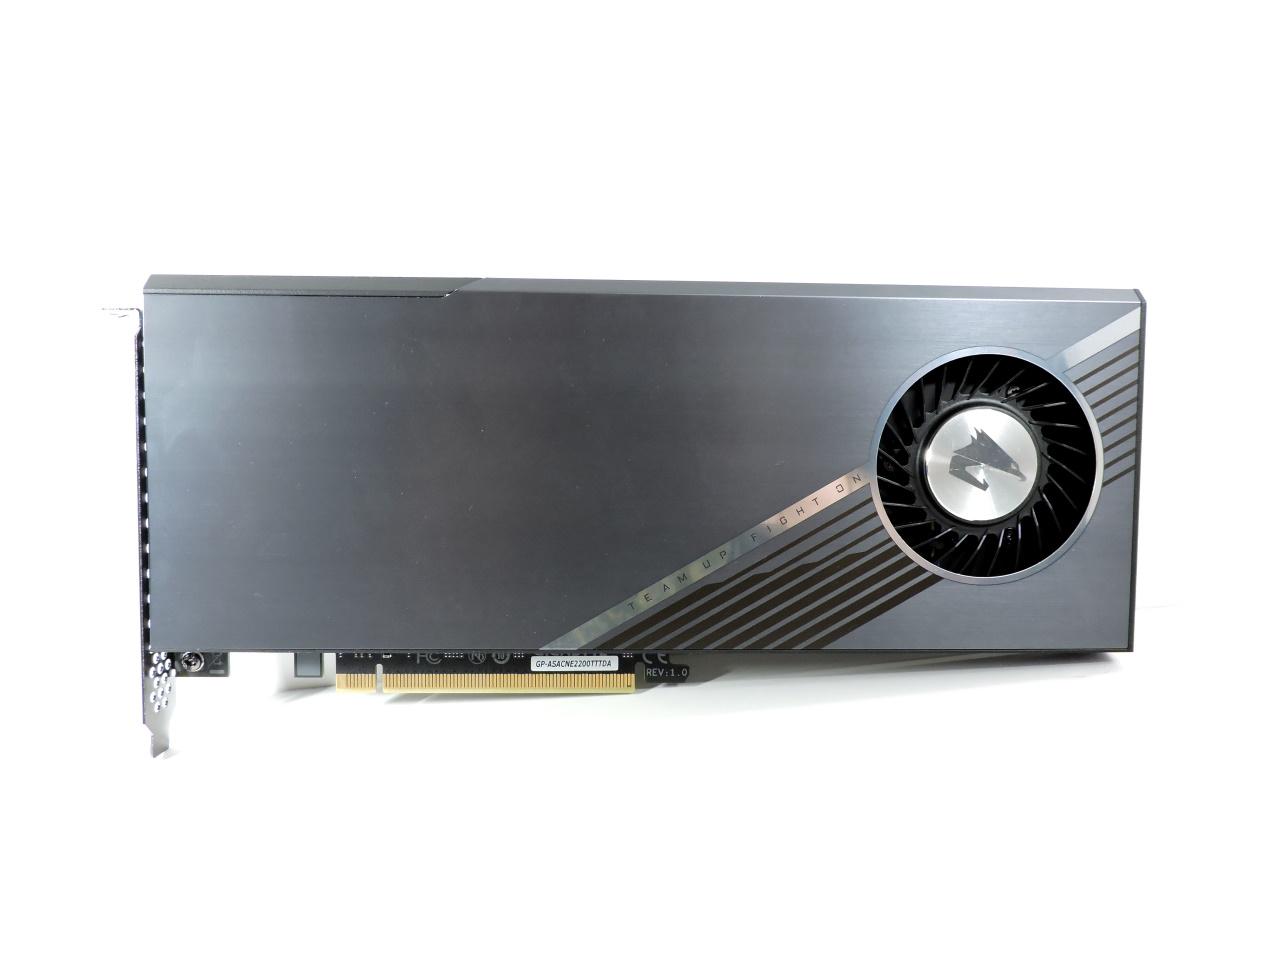 DSCN2906